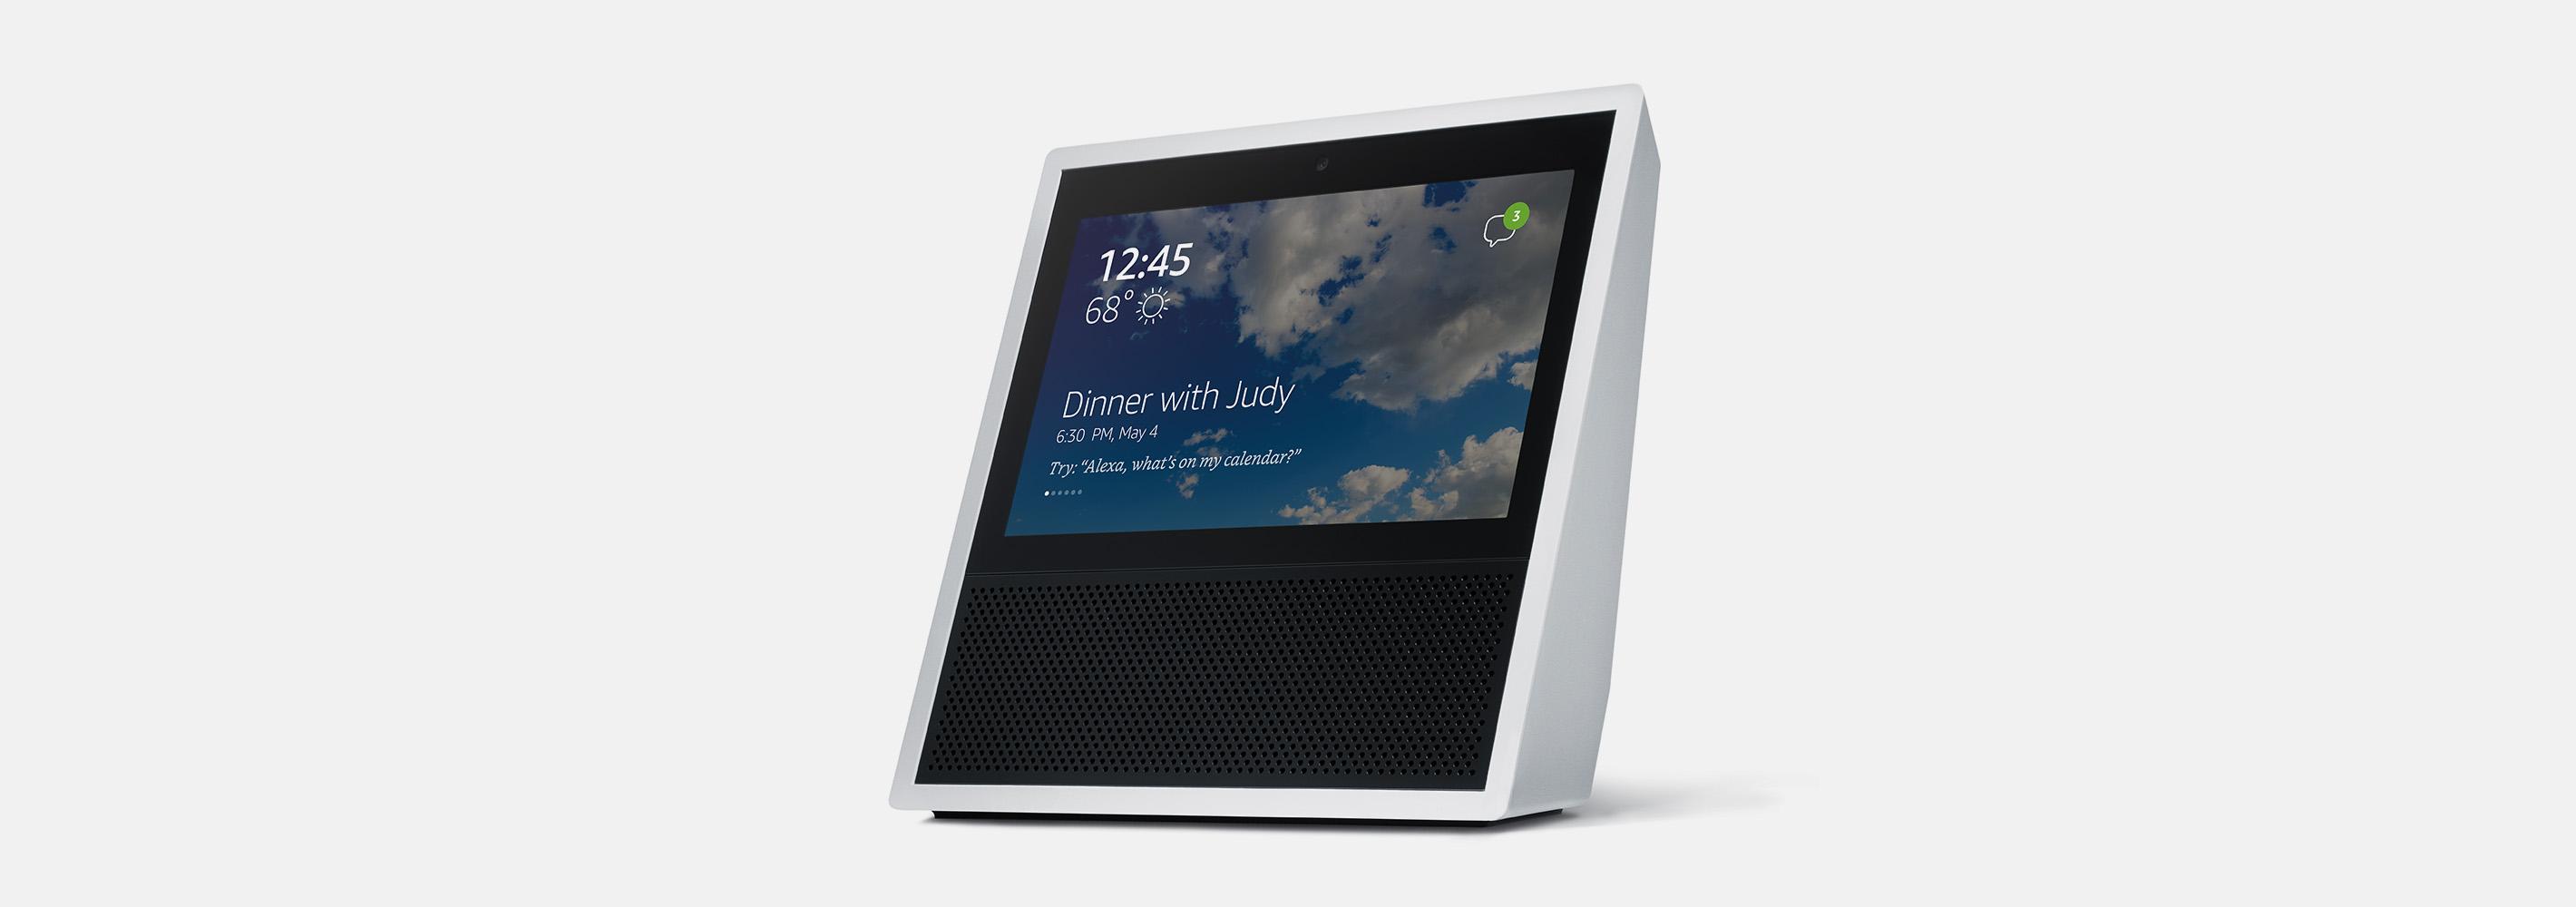 Amazon z novo napravo, katera ve in vidi vse